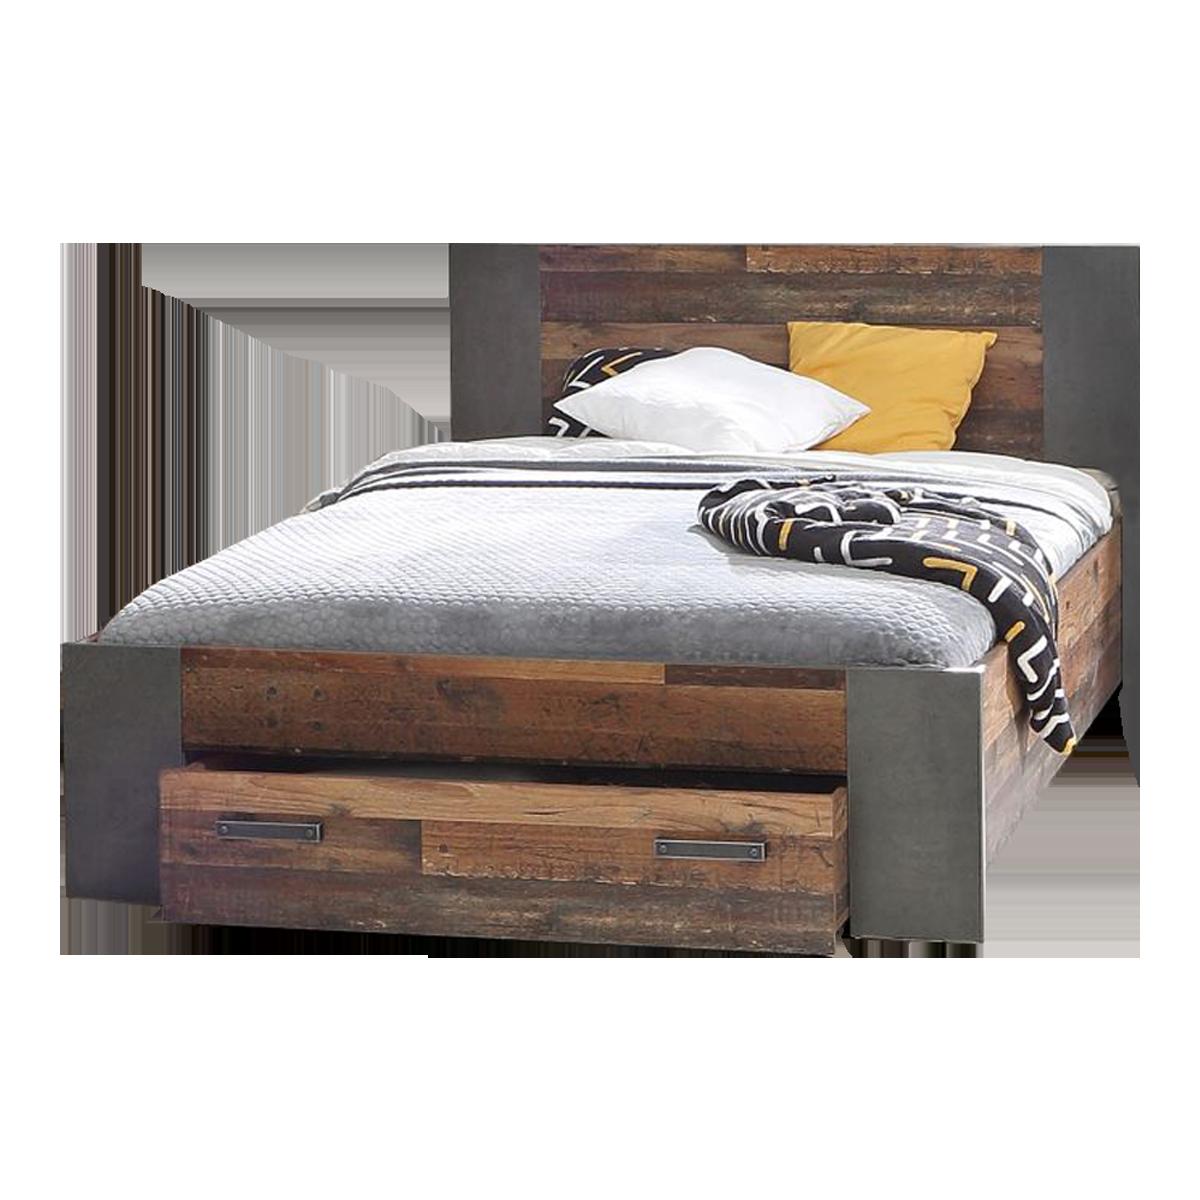 Full Size of Bett 140 Jugendbett In Old Wood Nachbildung Liegeflche 200 Cm Rückenlehne Komplett Box Spring Flach Treca Betten 140x200 Günstig Coole Mit Beleuchtung Holz Bett Bett 140